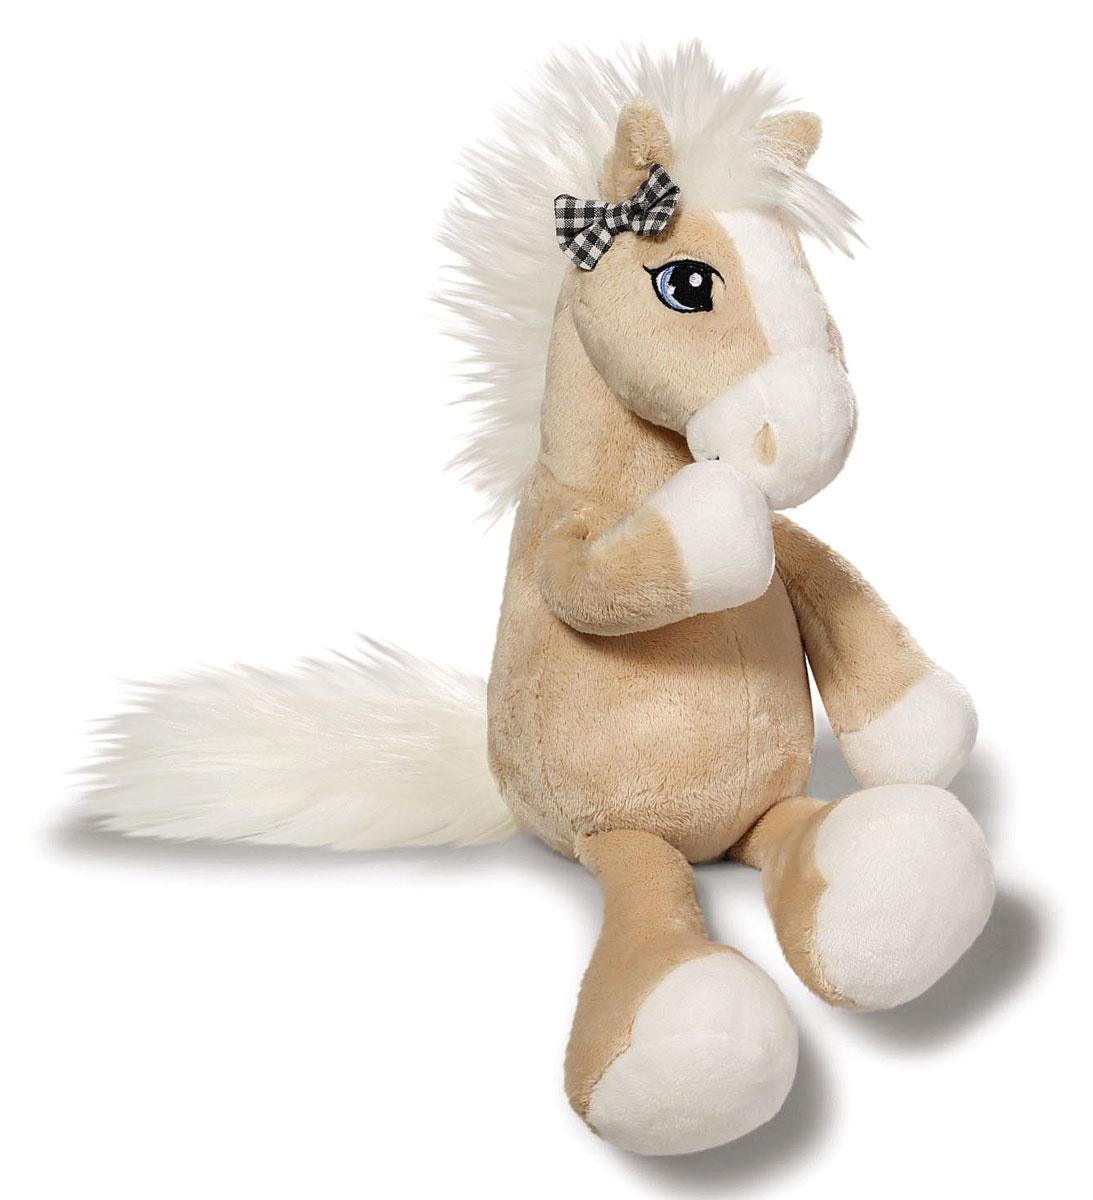 Nici Мягкая игрушка Лошадка Даймонд с бантиком цвет бежевый белый 50 см37841Очаровательная мягкая игрушка Nici Лошадка Даймонд выполнена в виде симпатичной плюшевой лошадки. Игрушка изготовлена из высококачественного текстильного материала бежевого цвета. Игрушка невероятно мягкая и приятная на ощупь, вам не захочется выпускать ее из рук. Глазки лошадки вышиты, а хвостик и грива выполнены из искусственного меха. Ушко лошадки украшает кокетливый бантик. Удивительно мягкая игрушка принесет радость и подарит своему обладателю мгновения нежных объятий и приятных воспоминаний. Великолепное качество исполнения делают эту игрушку чудесным подарком к любому празднику. Трогательная и симпатичная, она непременно вызовет улыбку у детей и взрослых.